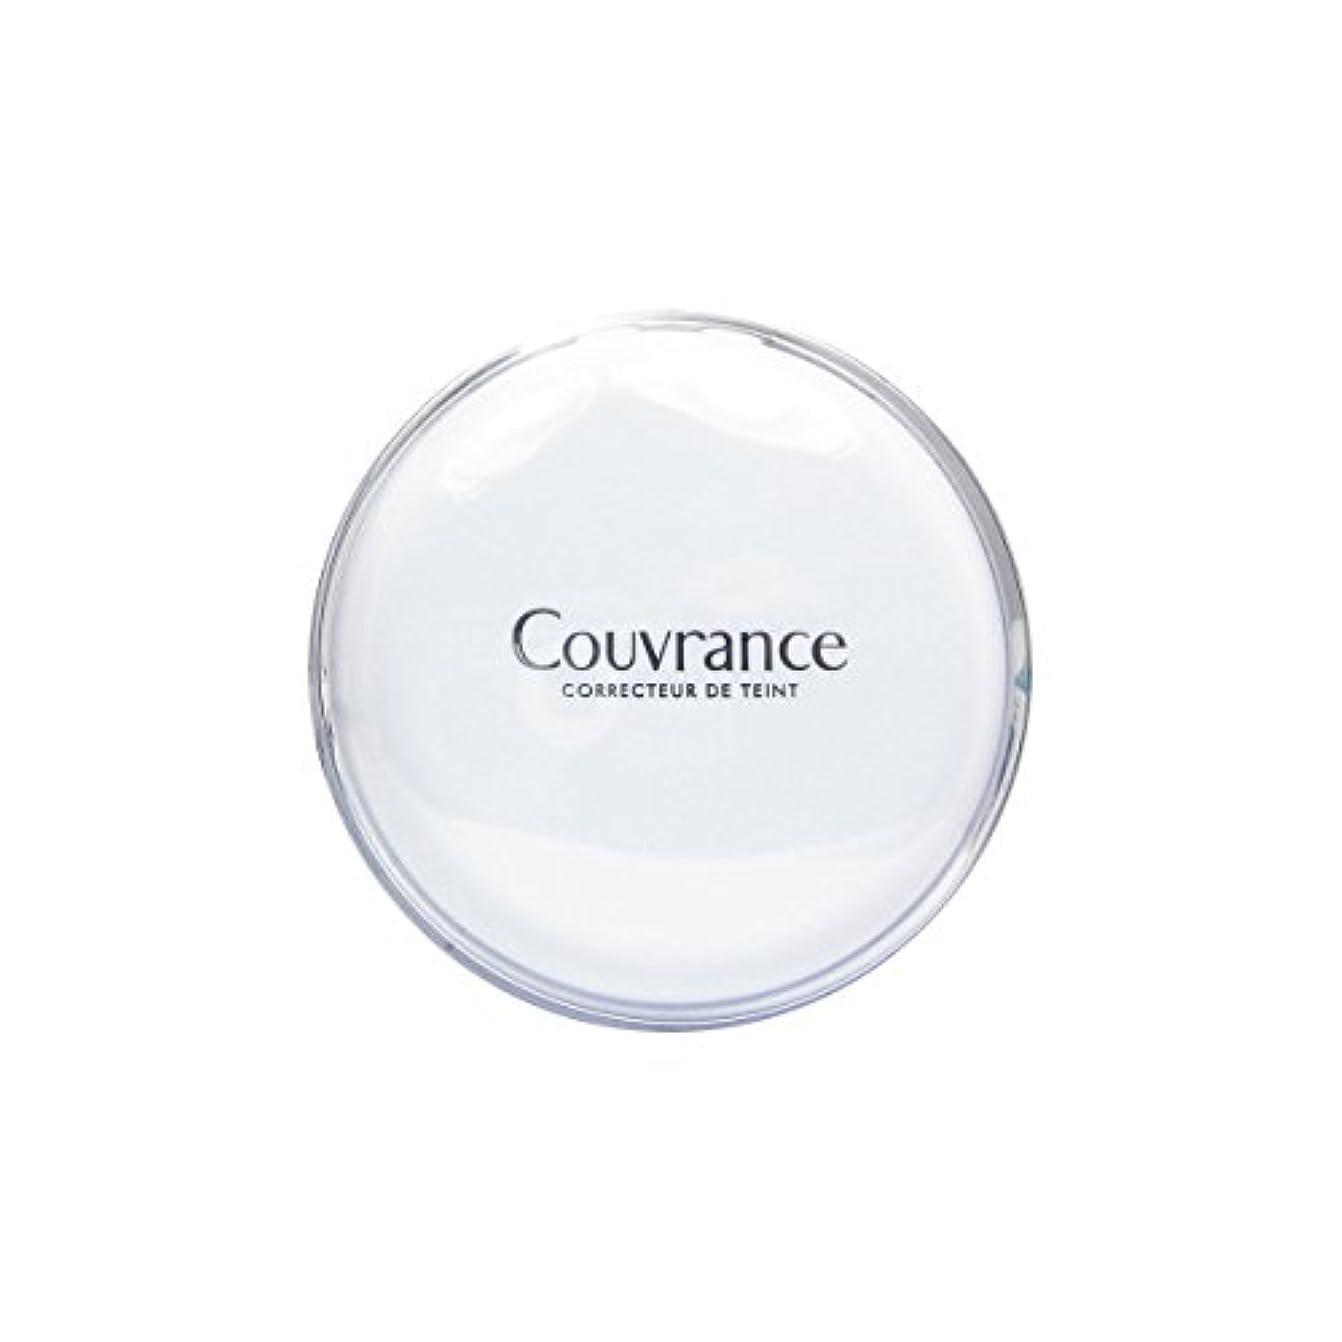 神経衰弱マーベル難破船Avene Couvrance Compact Confort Cream 2.5 Beige 10gr [並行輸入品]